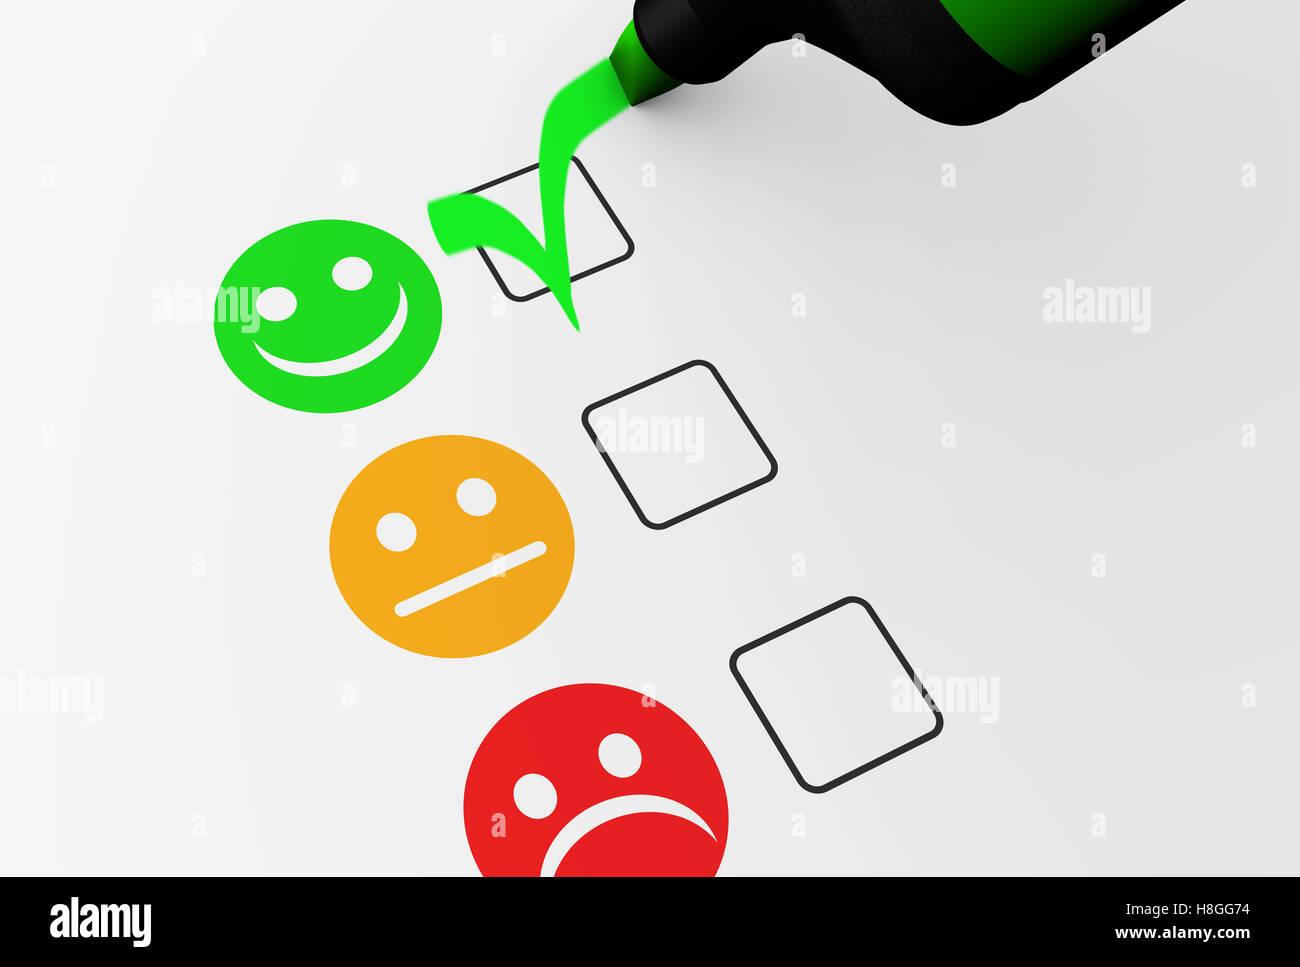 Kundenzufriedenheit glücklich-Feedback rating-Checkliste und Business Qualität Bewertung Konzept Abbildung. Stockbild